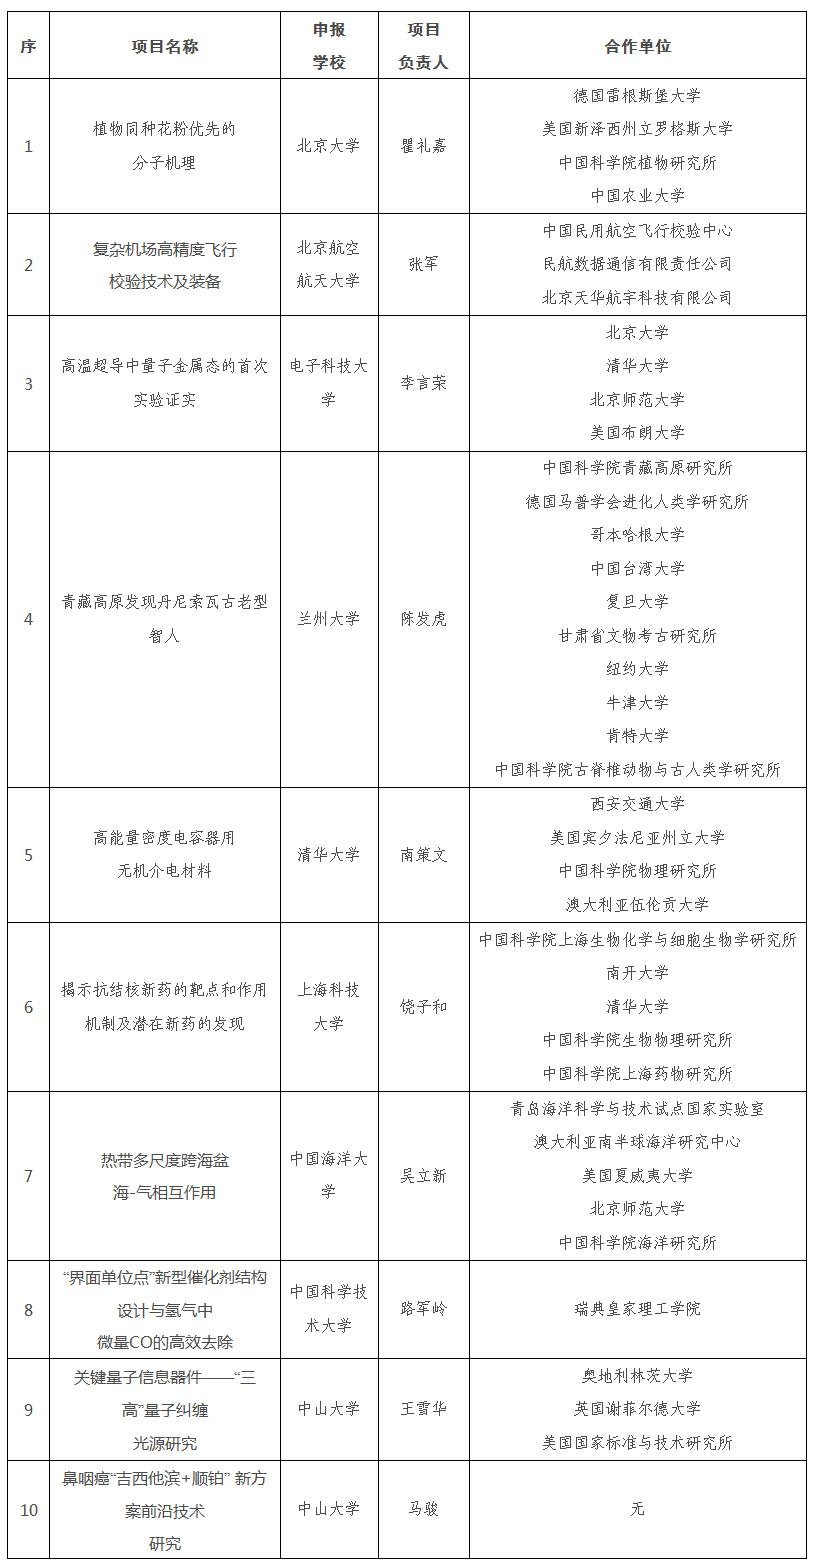 """2019年度""""中国高等学校十大科技进展""""项目评选揭晓"""